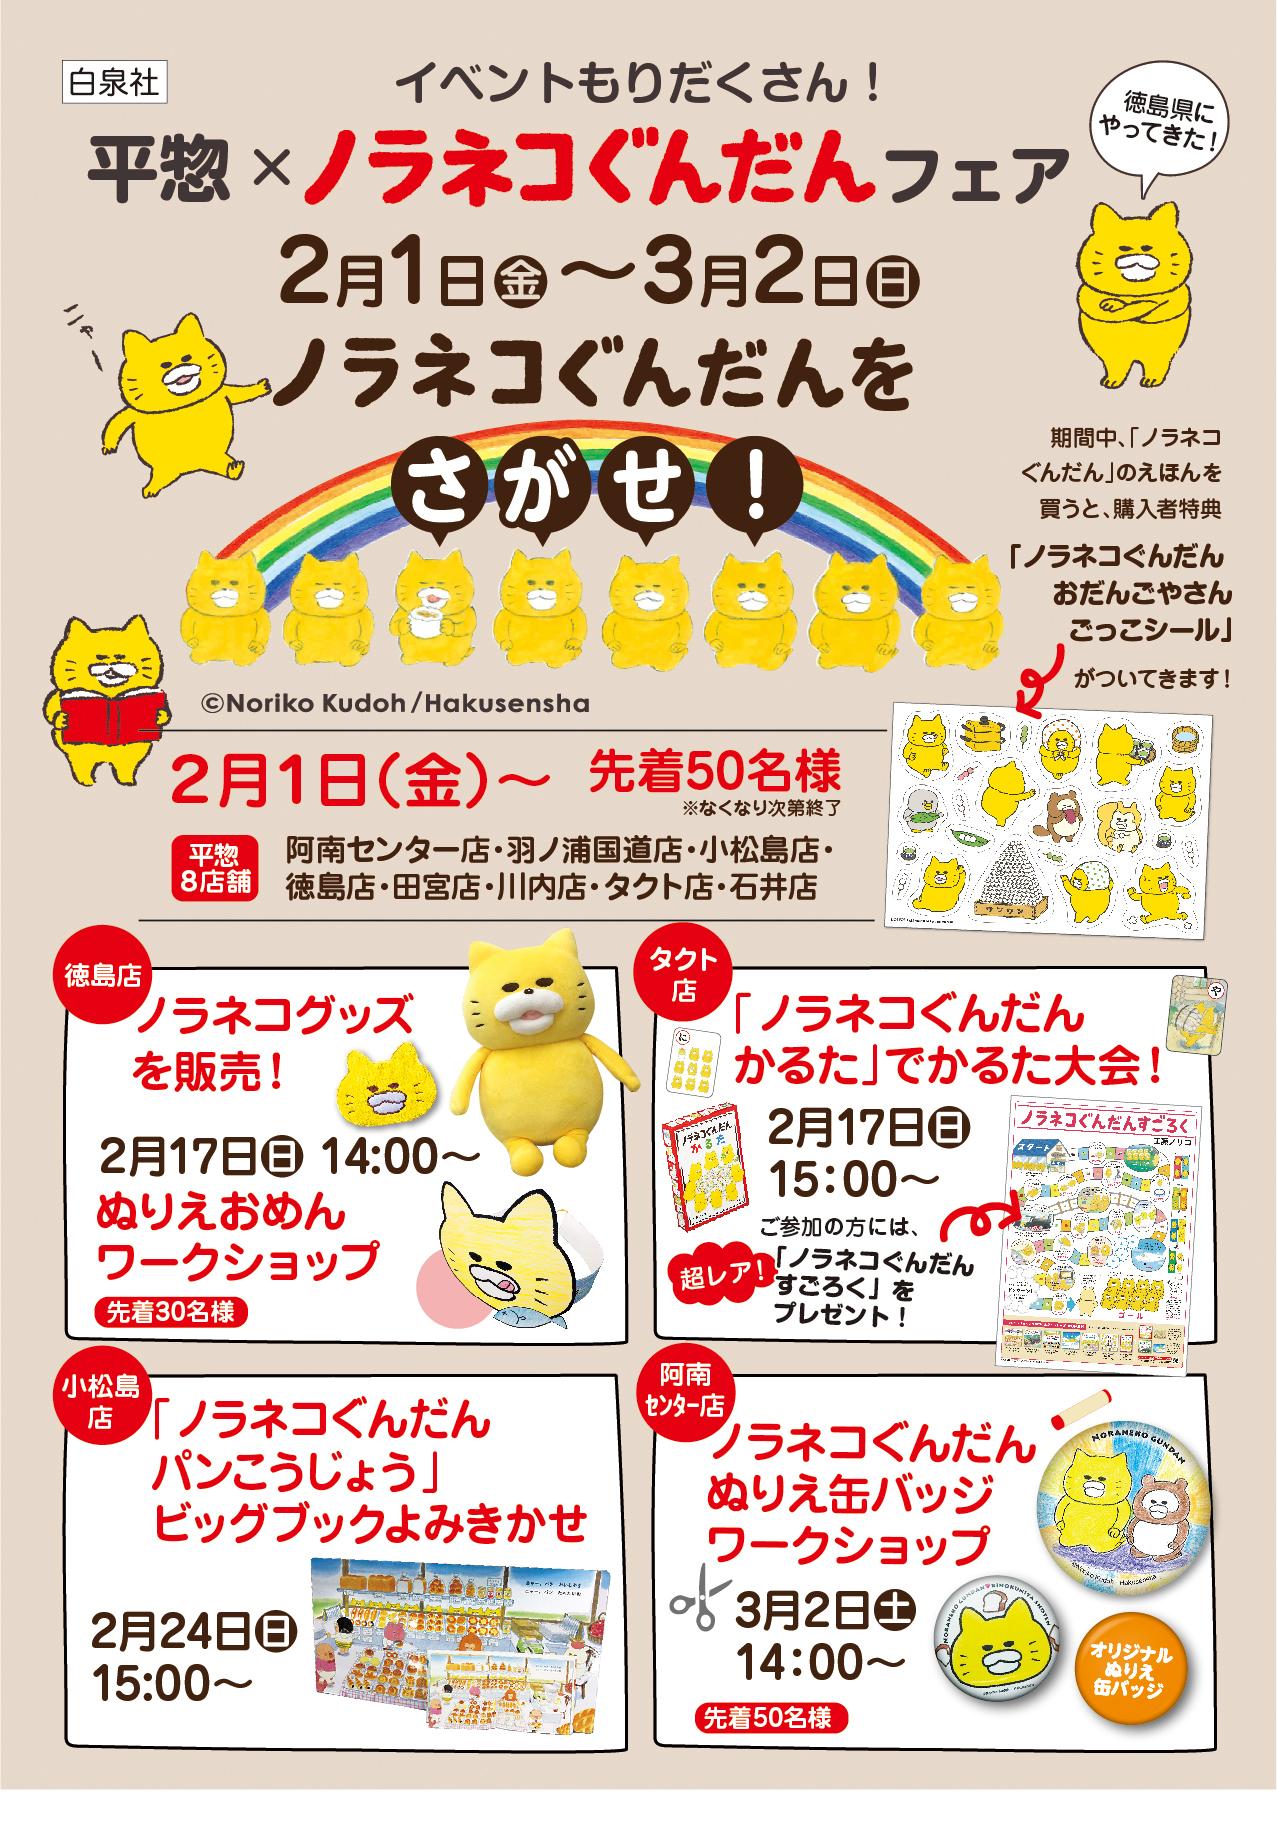 平惣×ノラネコぐんだんフェア開催!@徳島県